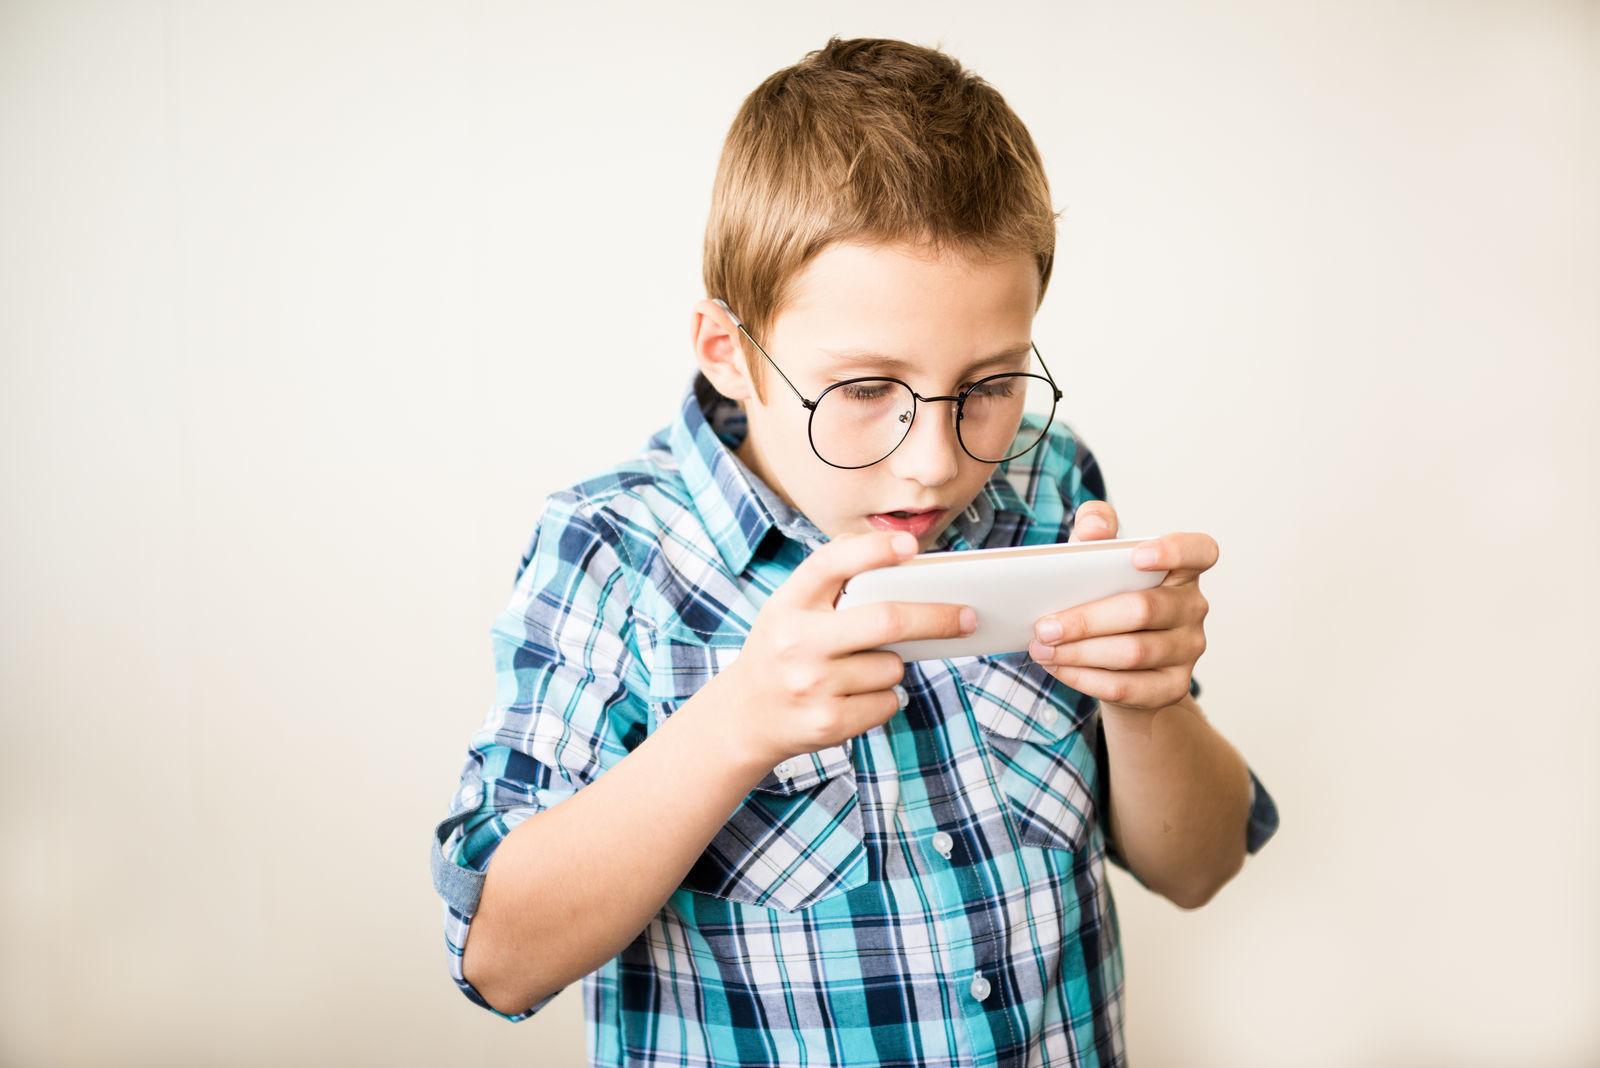 мальчик в очках играет в игры на приставке